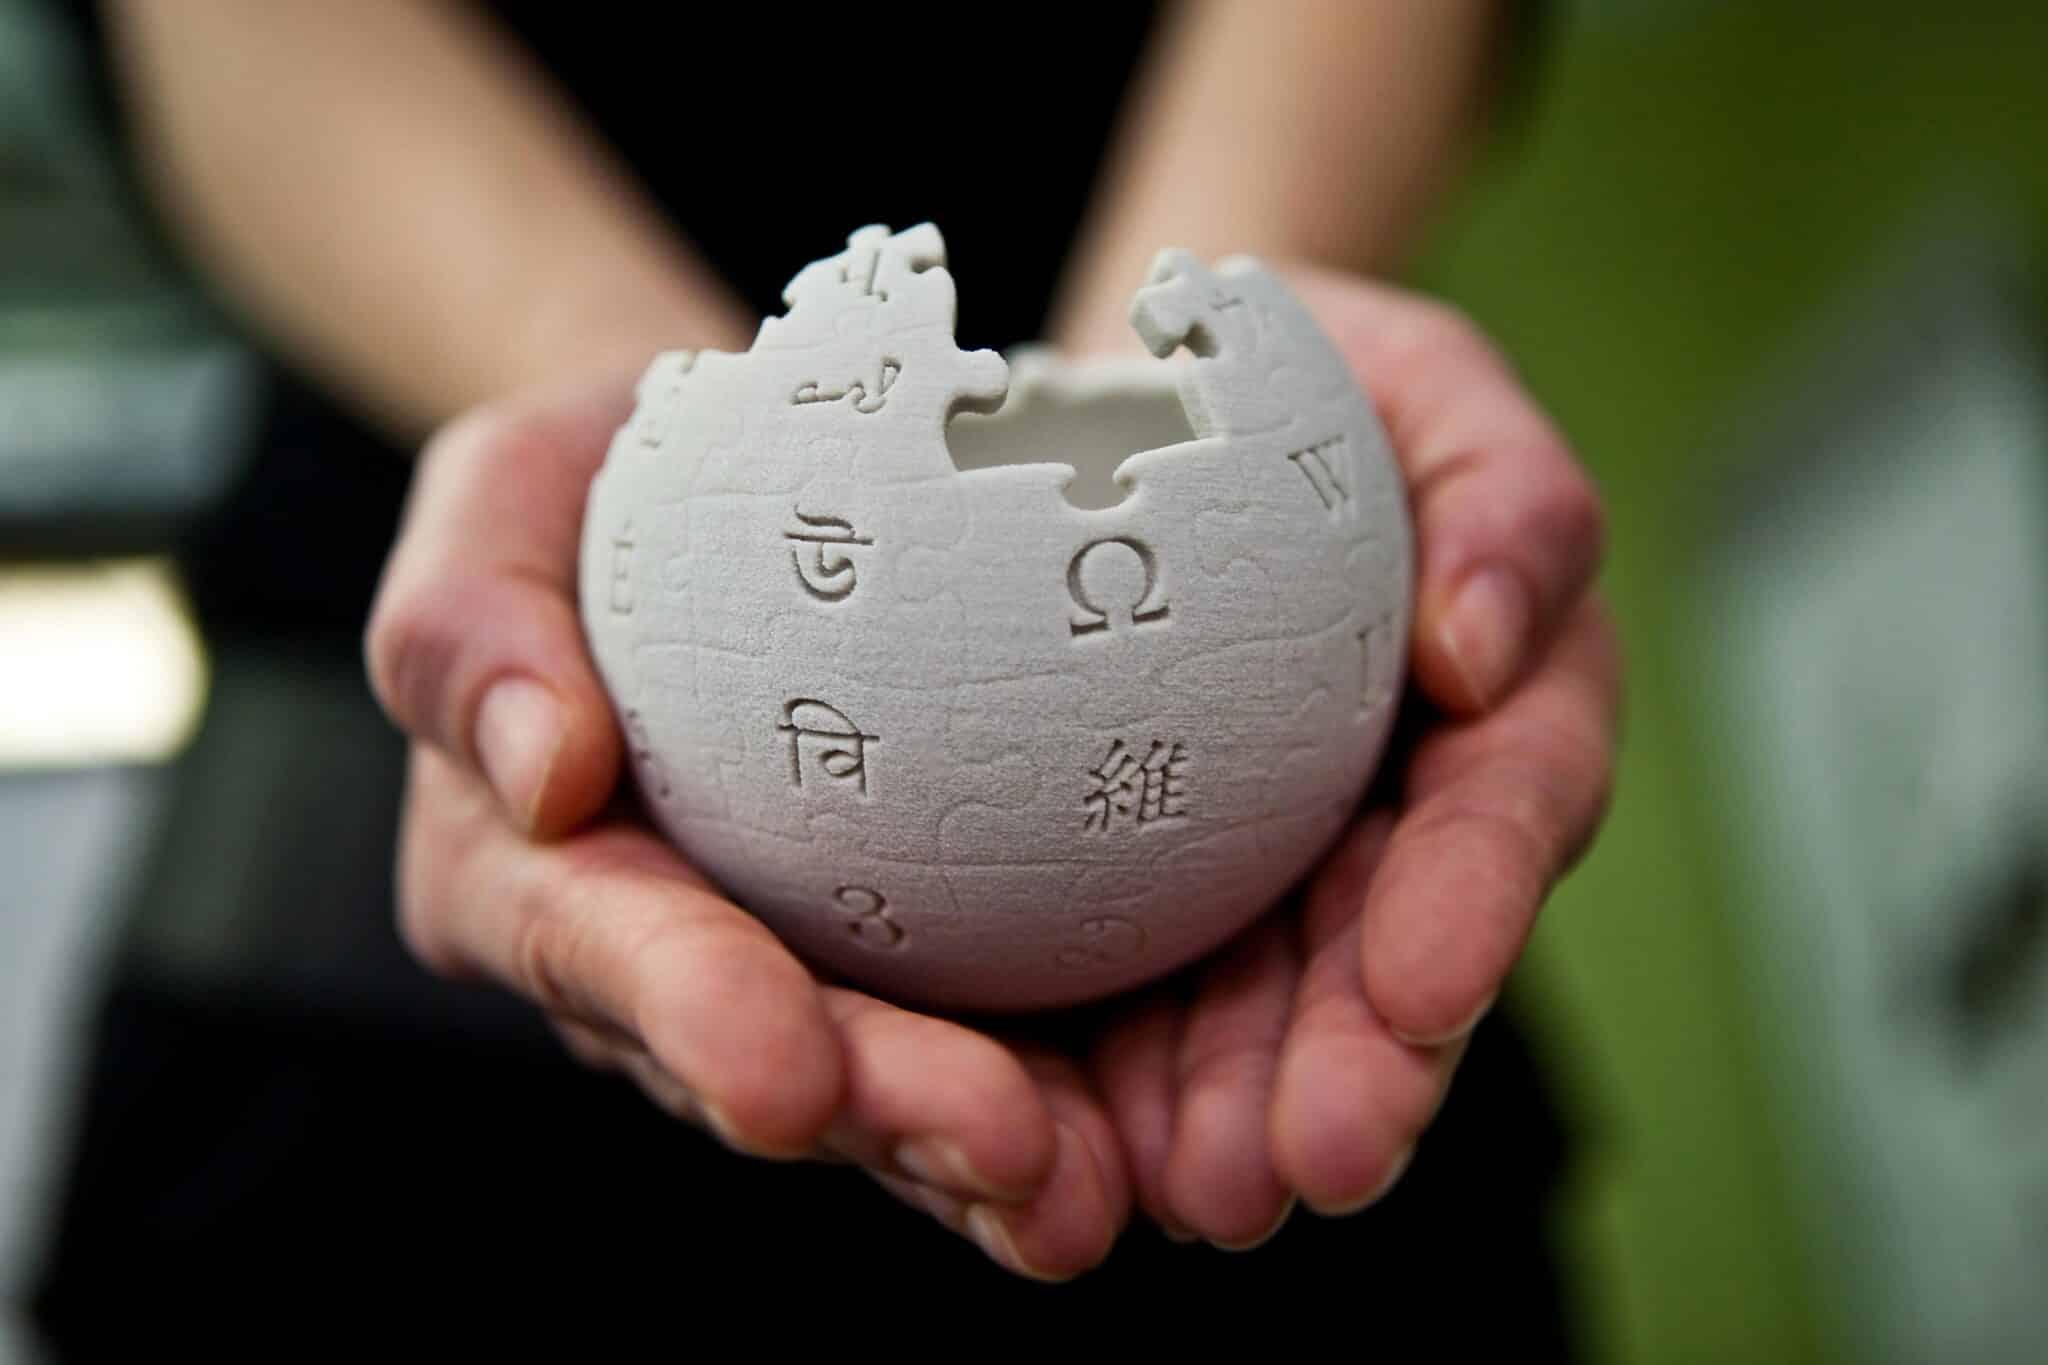 В России создадут аналог Википедии: новый законопроект, аналоги Вики